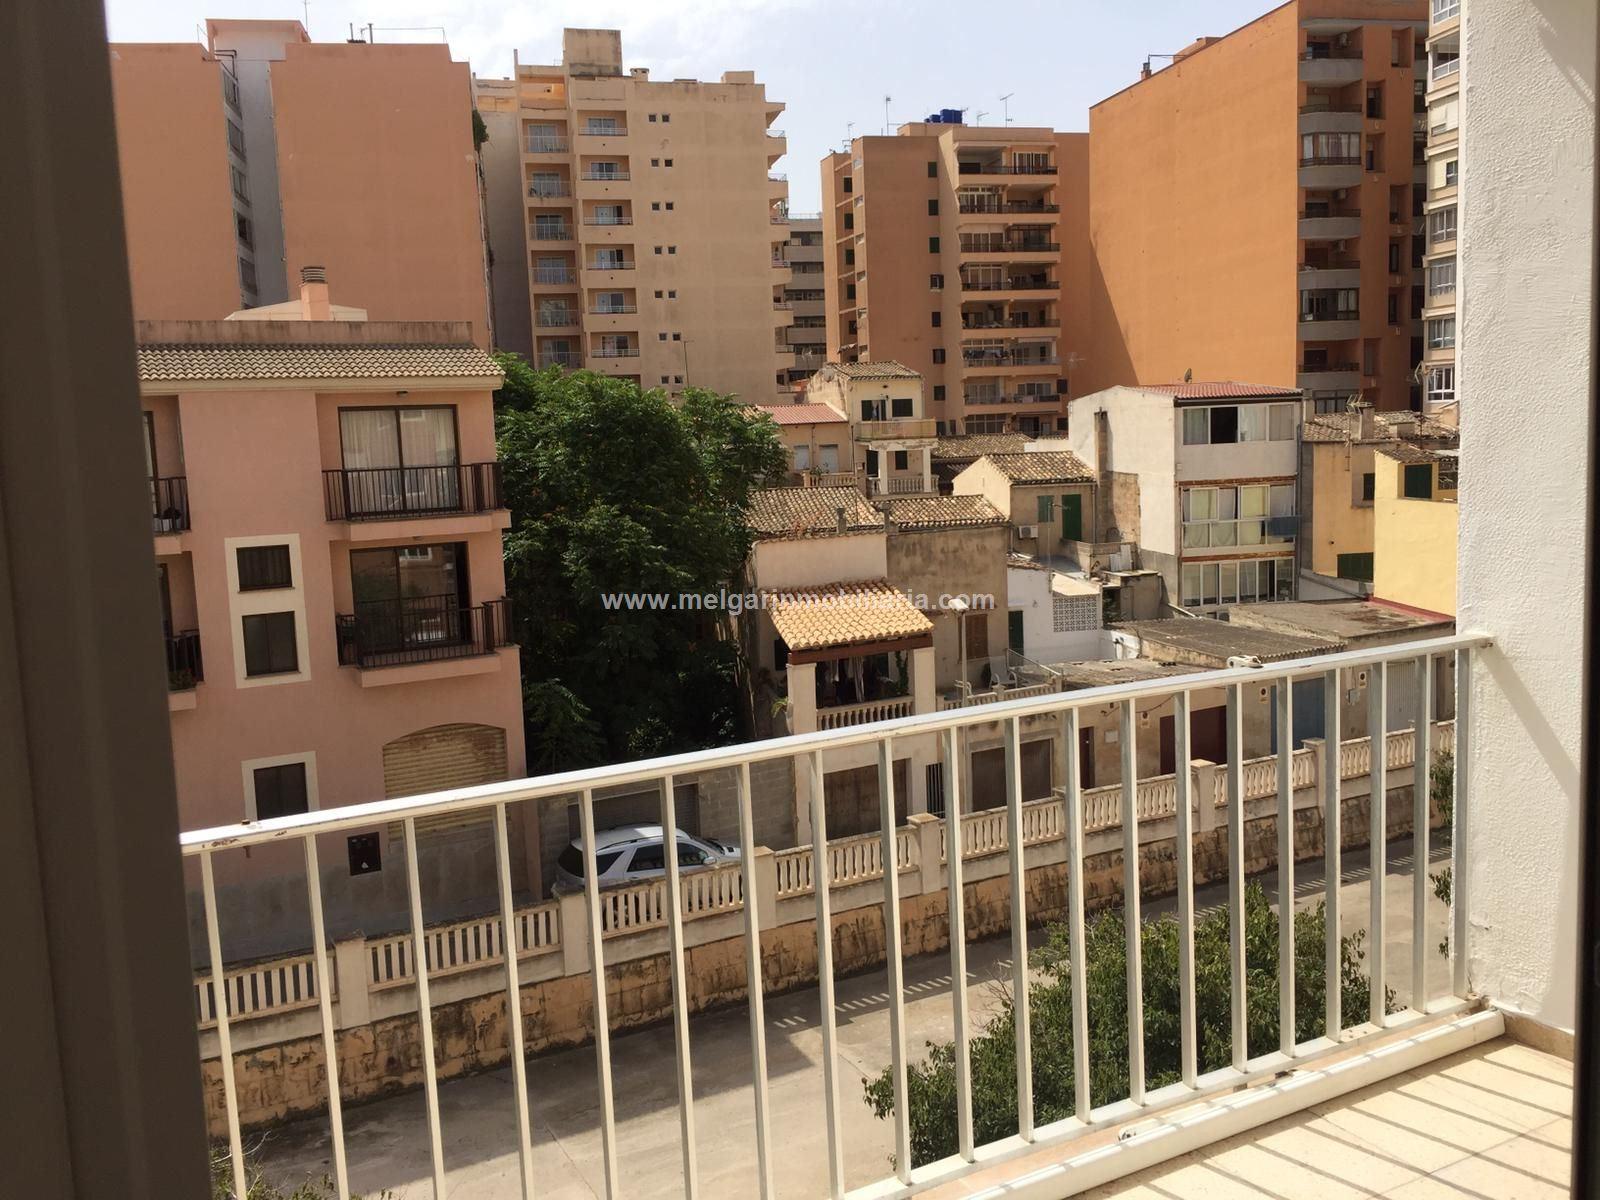 Alquiler Piso  Llucmajor - arenal. Se alquila apartamento en zona arenal